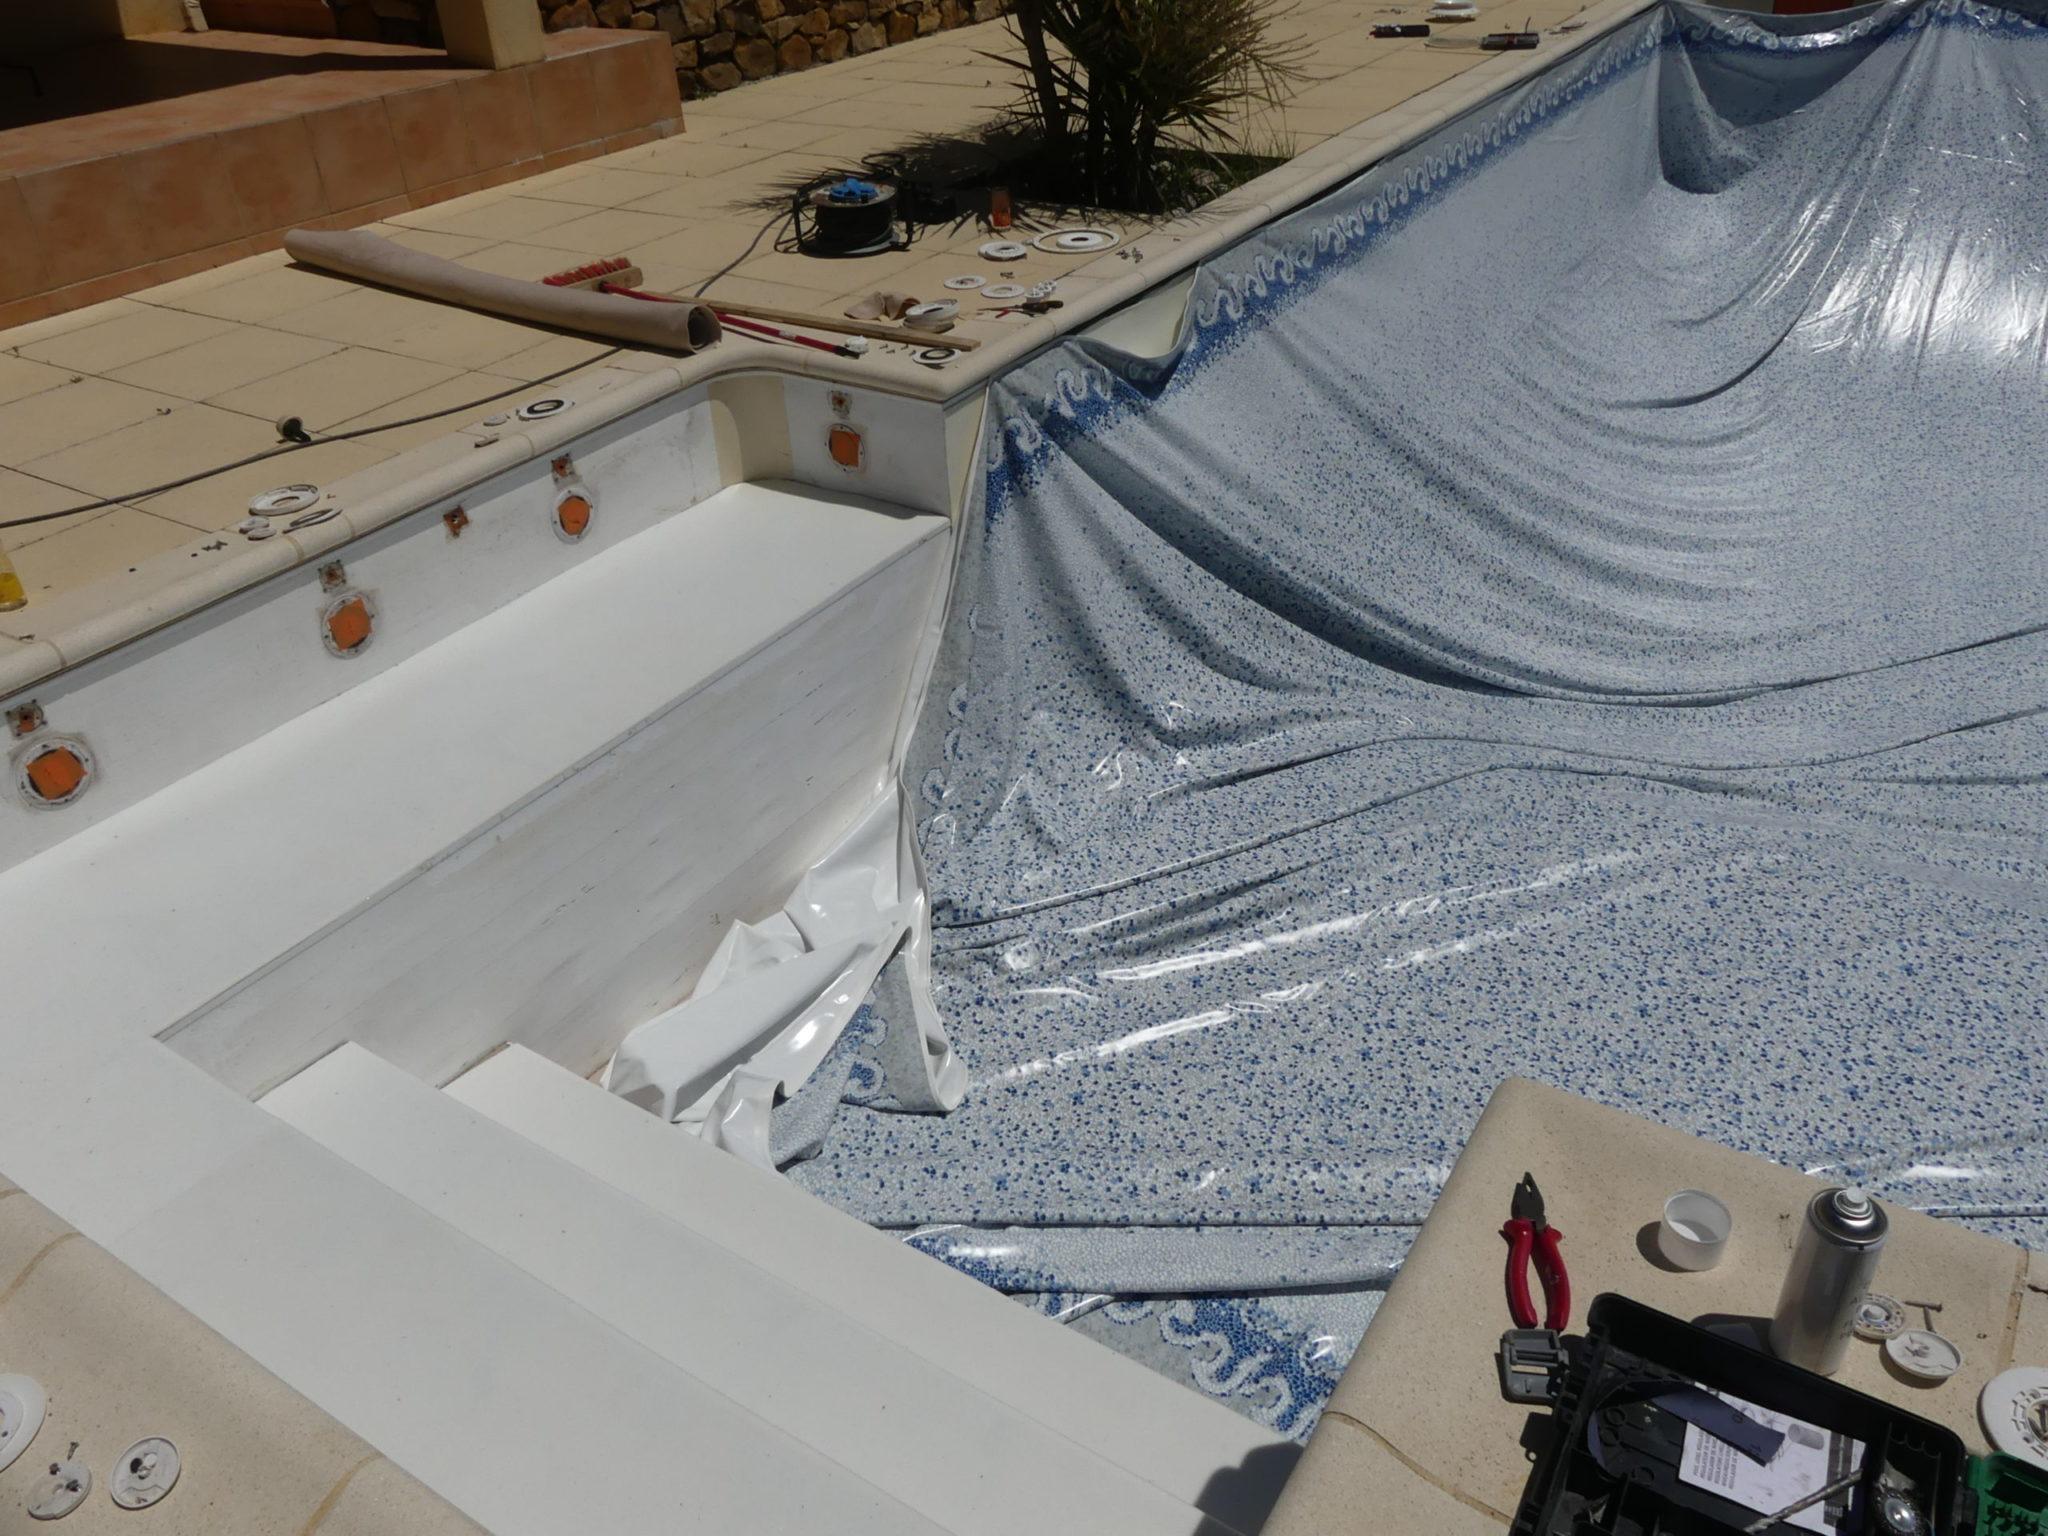 Rénovation de liner piscine par BTV-piscine, spécialiste de la construction et rénovation piscine sur Narbonne et dans tout le Languedoc Roussillon